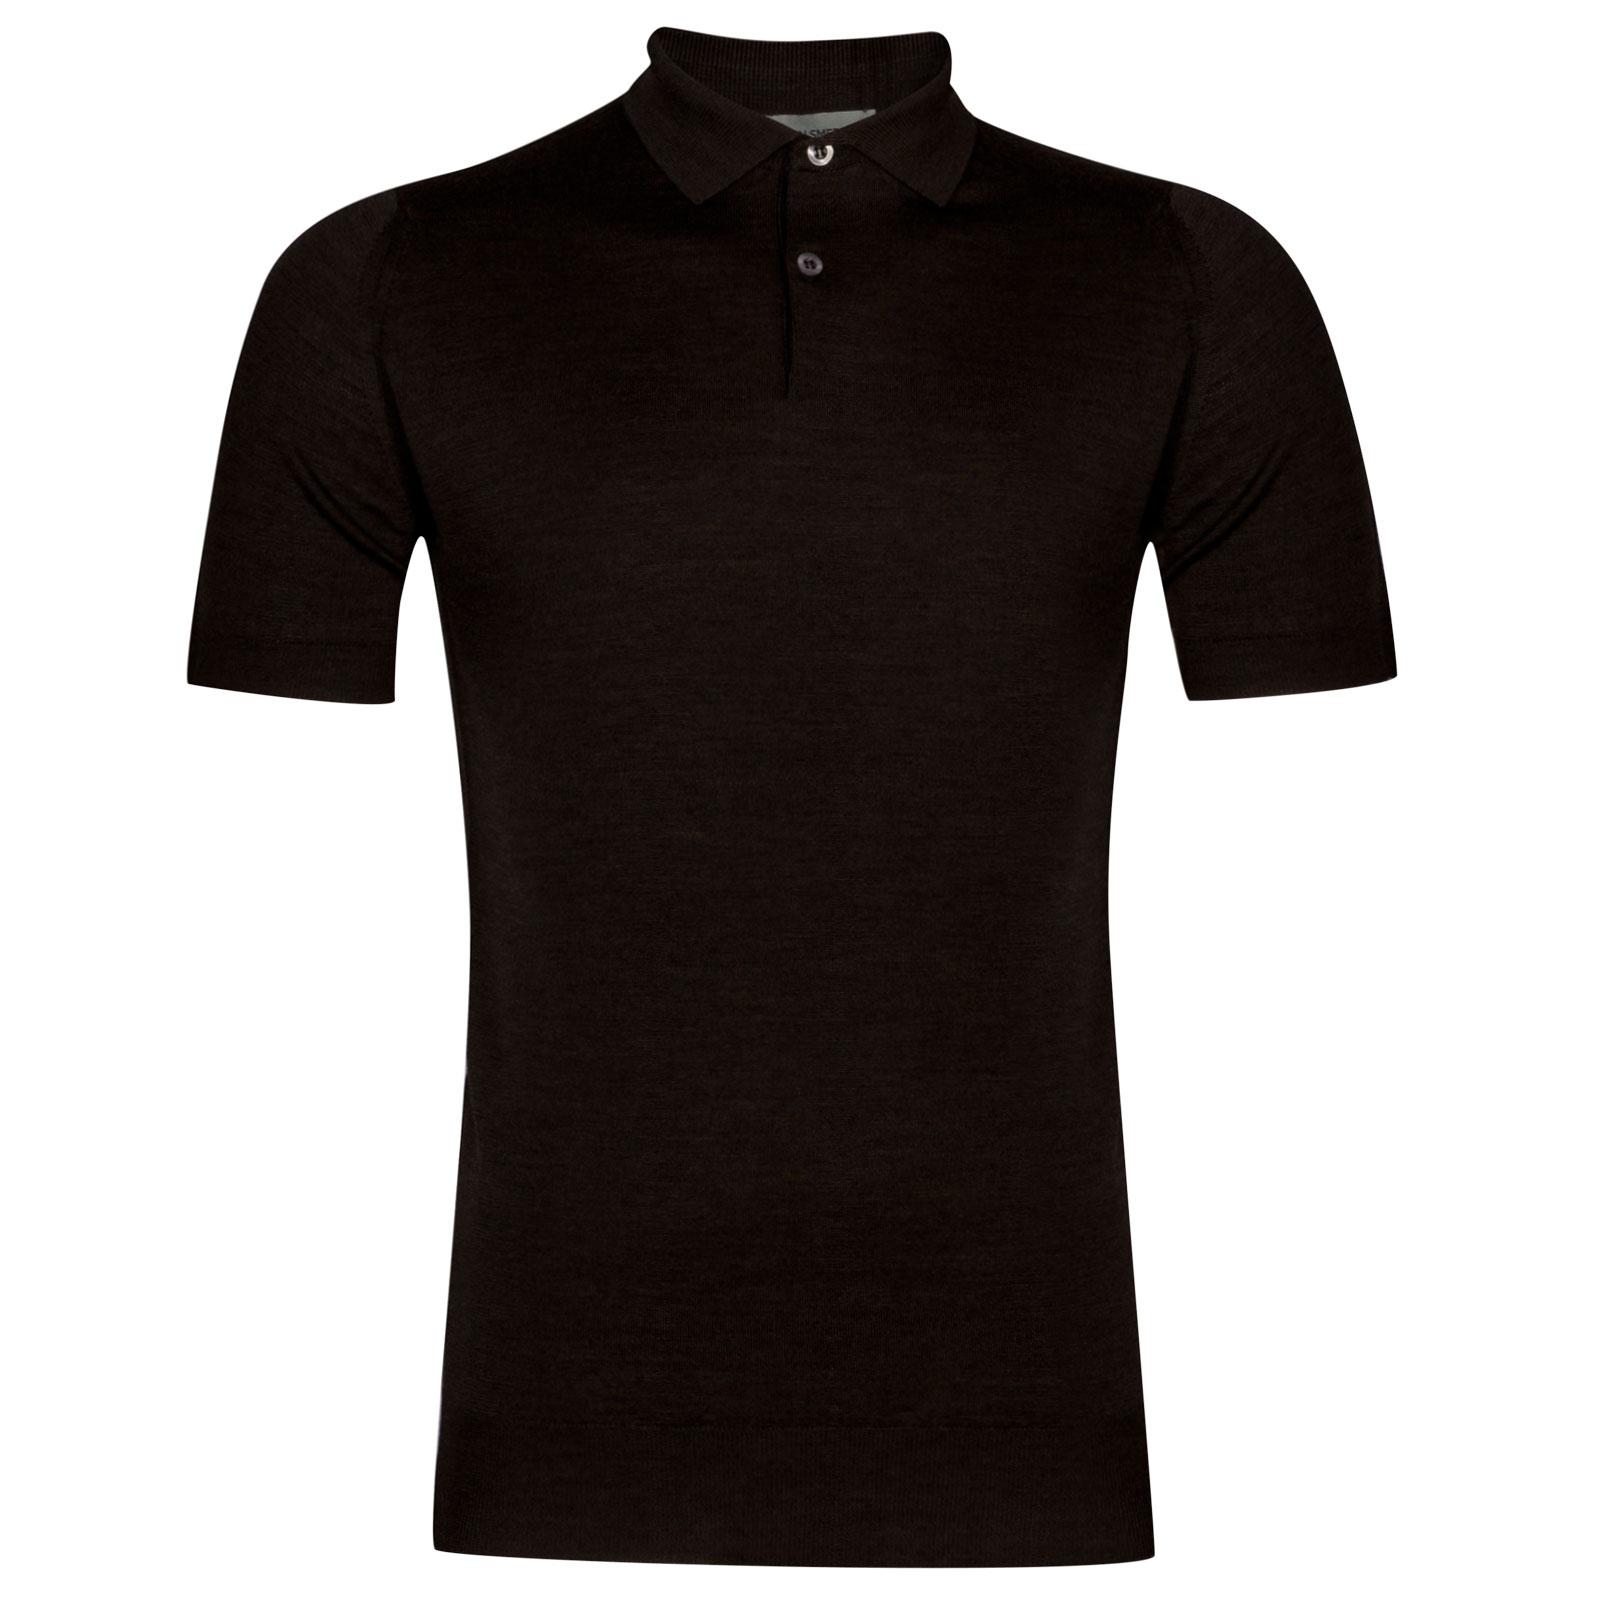 John Smedley Payton Merino Wool Shirt in Chestnut-L